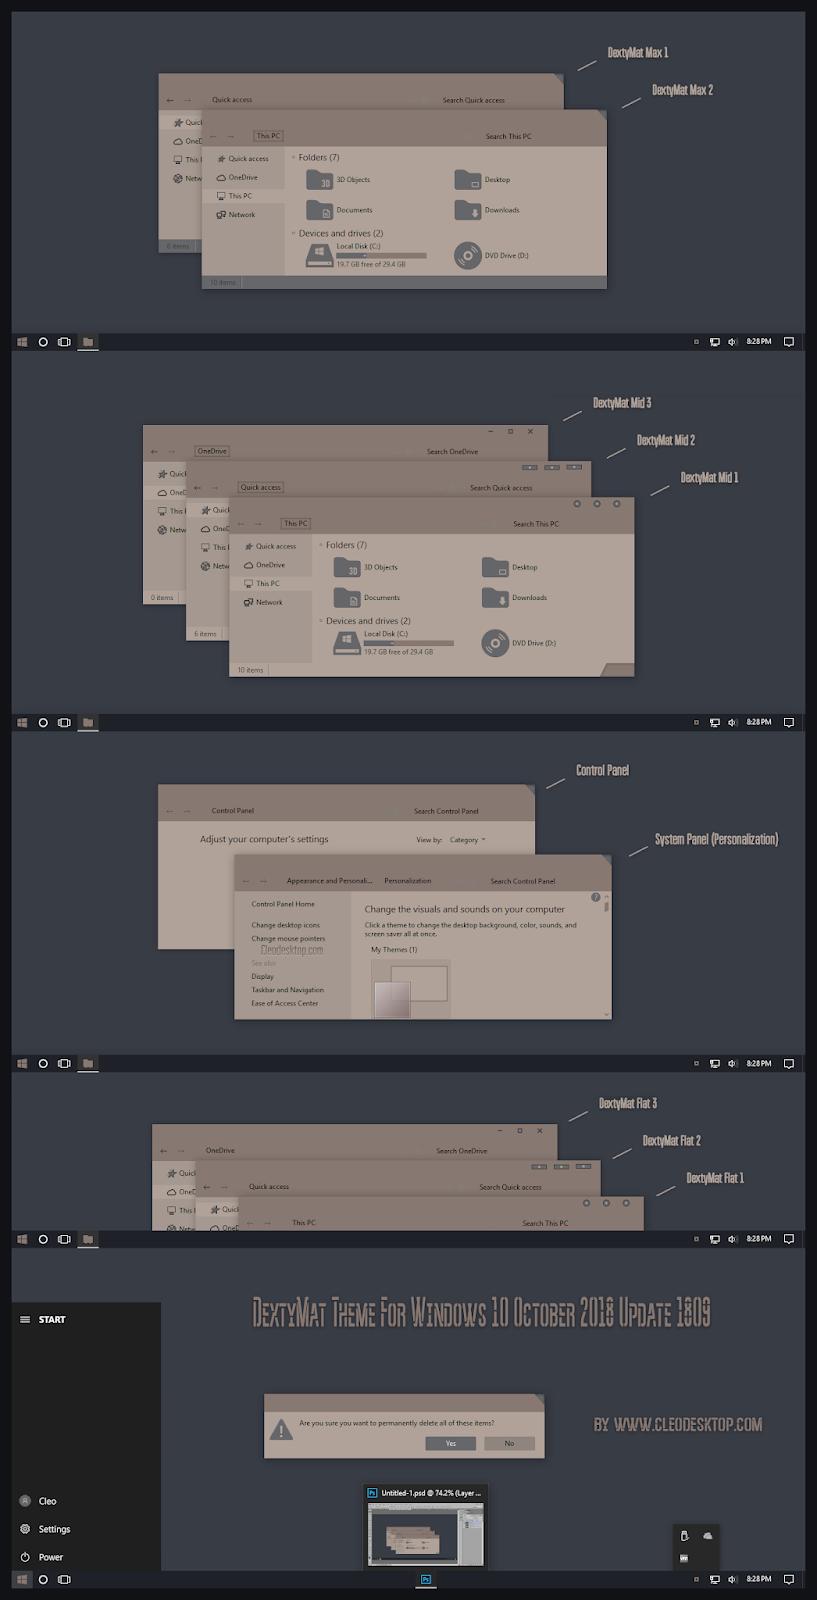 windows10 themes i cleodesktop dextymat theme windows 10 october